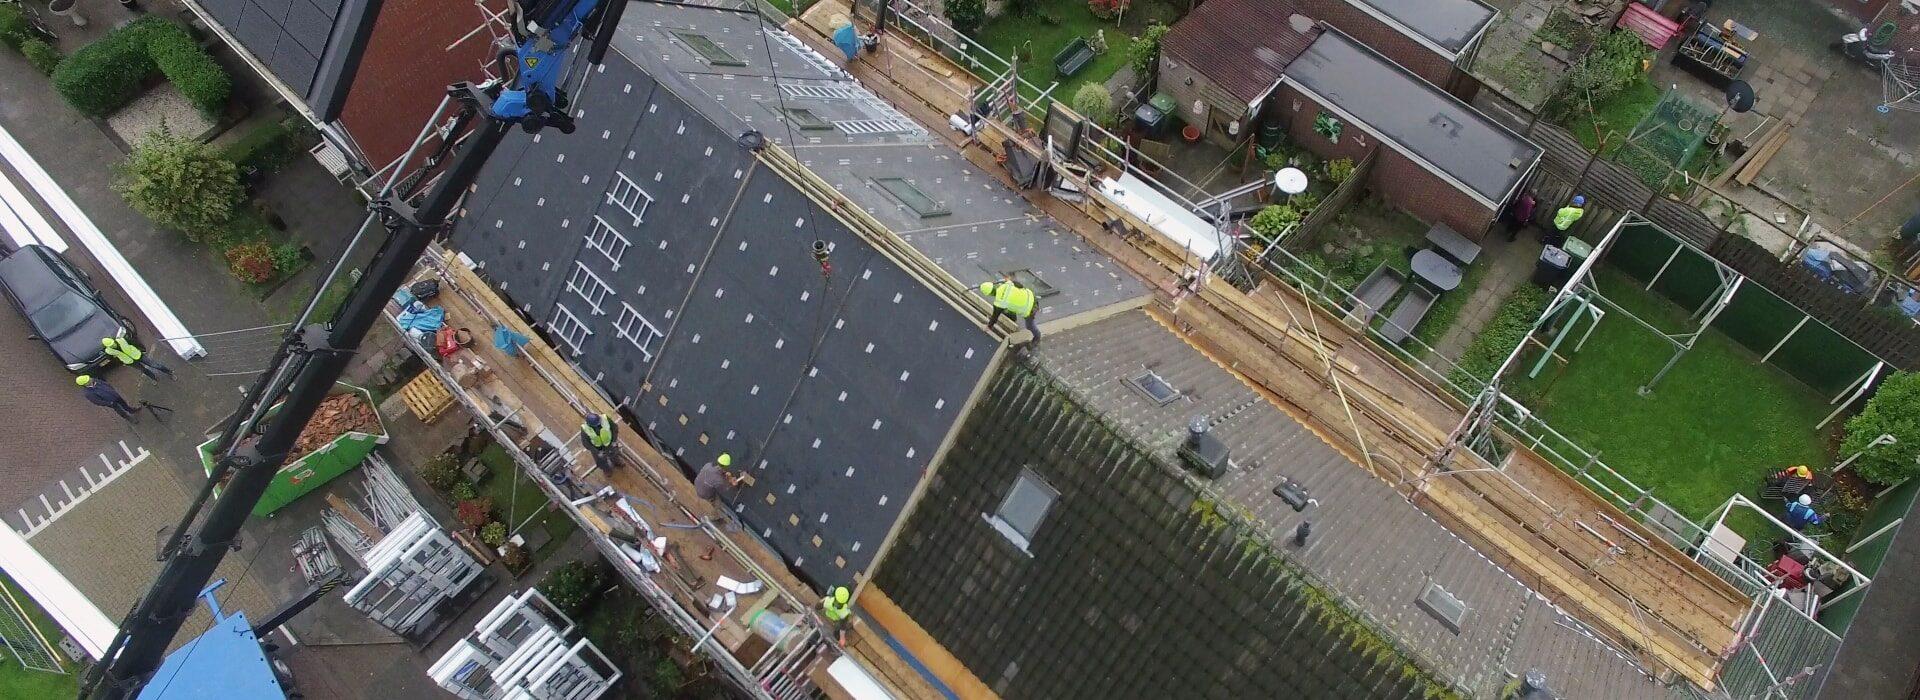 EMKO-renovatieconcept-project-bovenaanzicht-yoreM-verovert-online